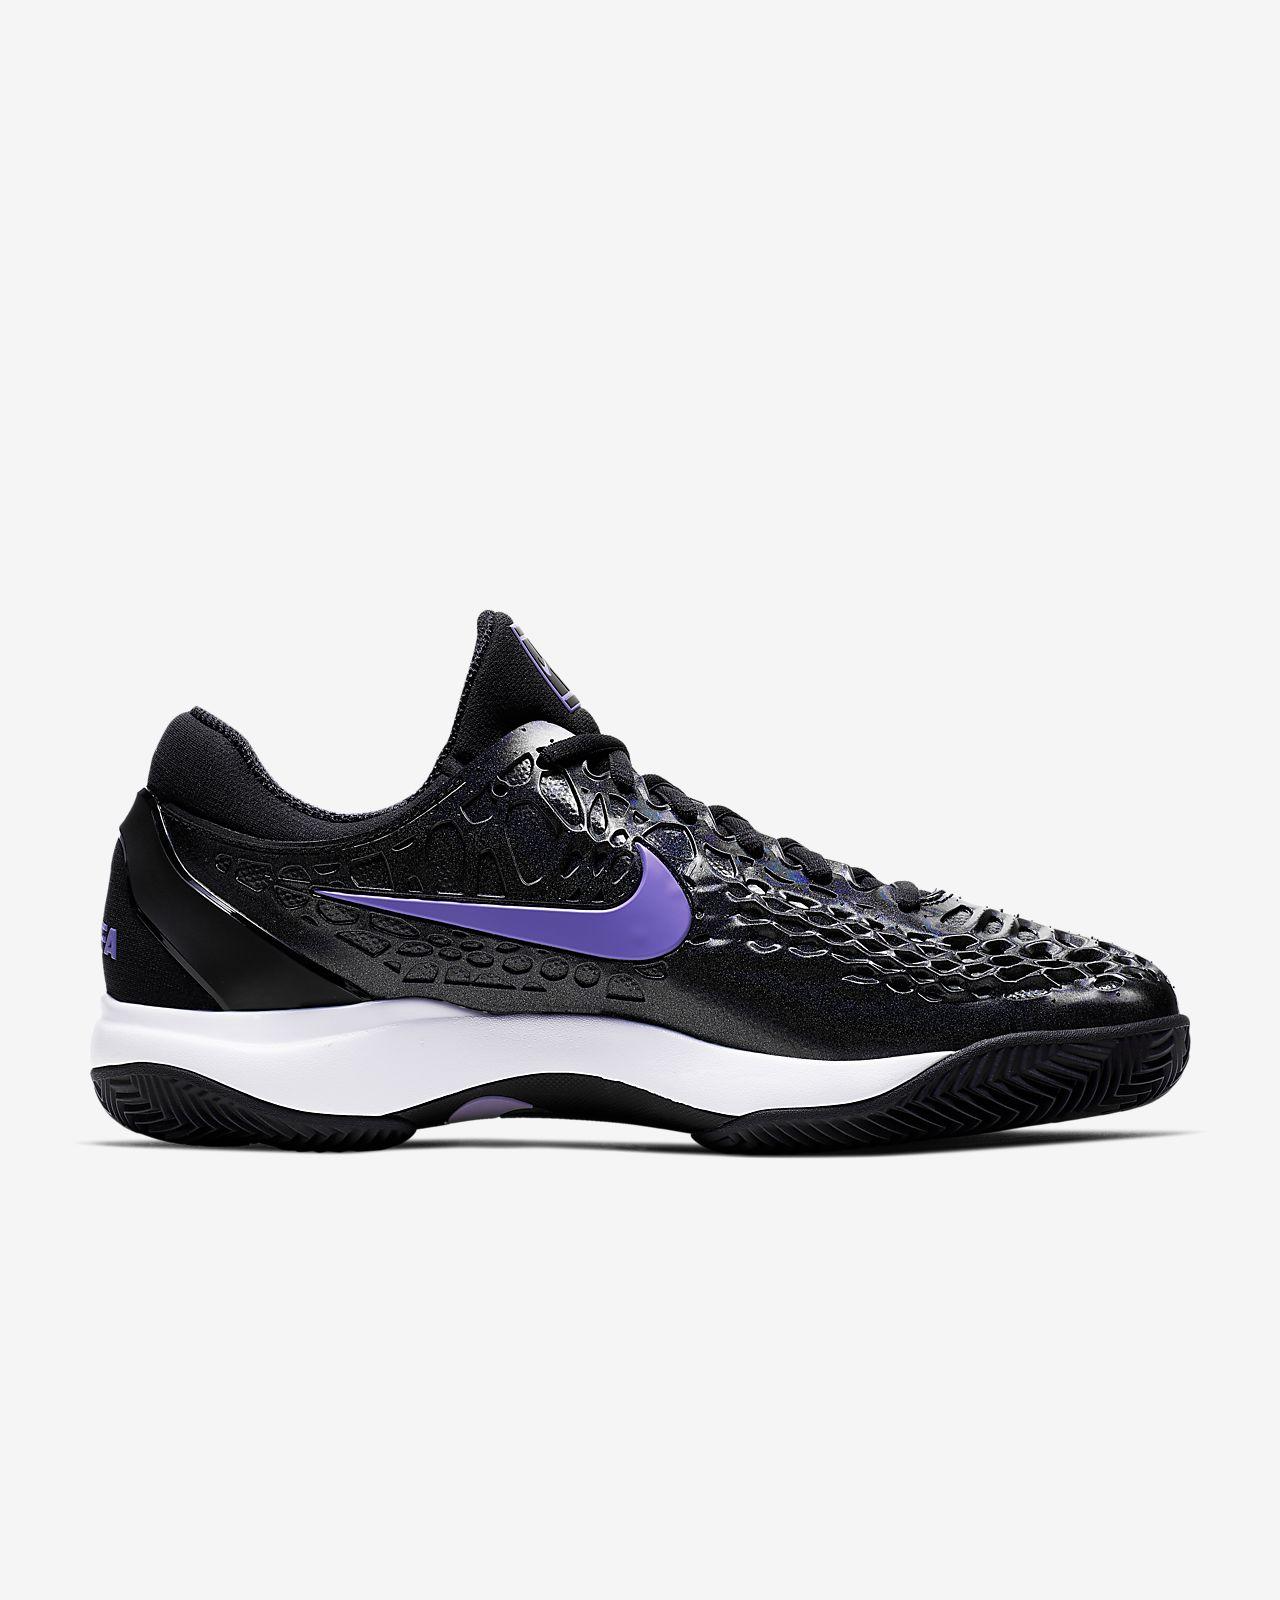 NikeCourt Zoom Cage 3 Zapatillas de tenis para tierra batida Mujer Morado